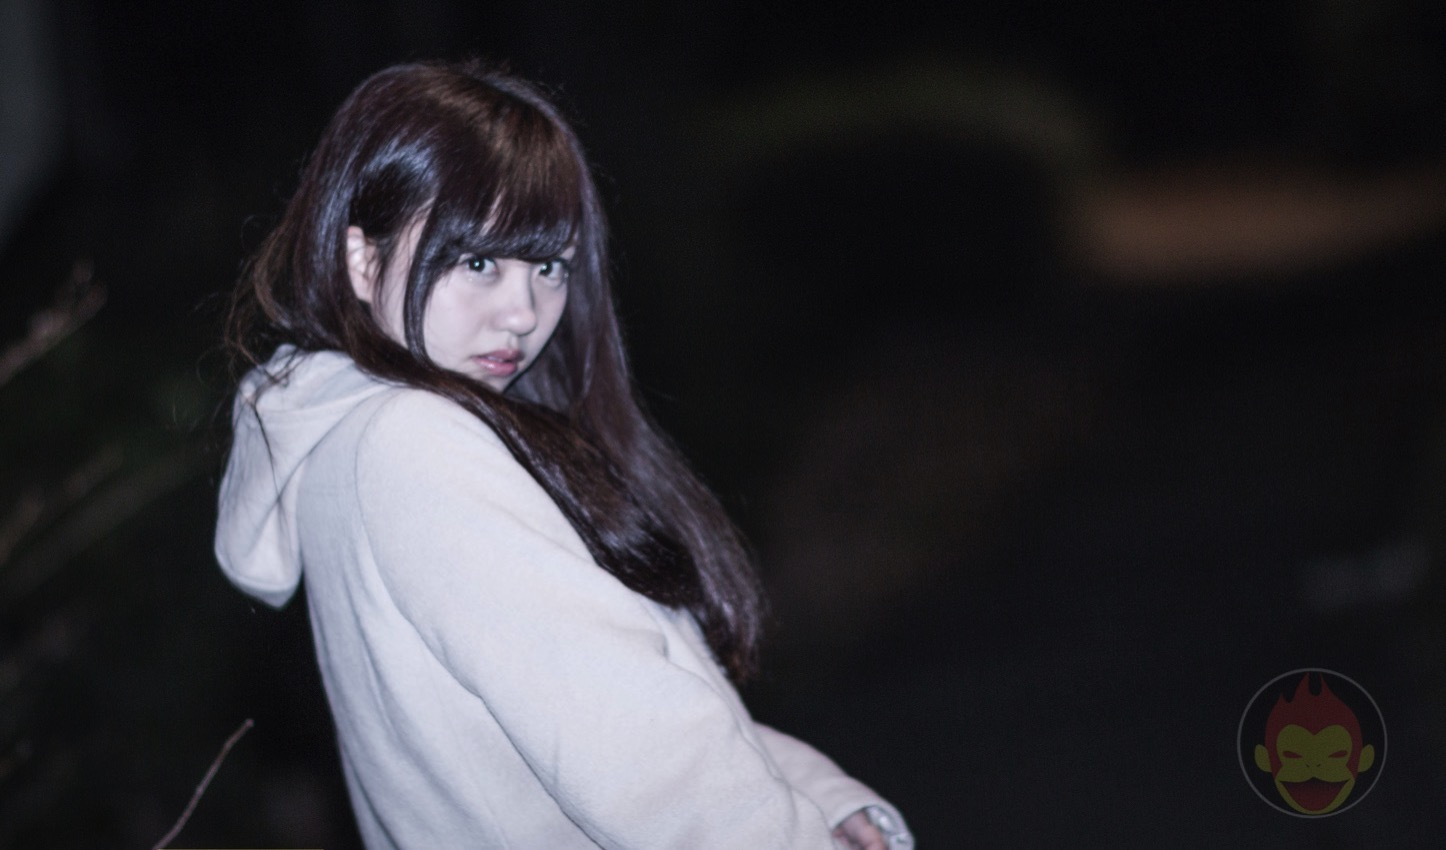 Yuka-Kawamura-85mm-Illumination-03.jpg